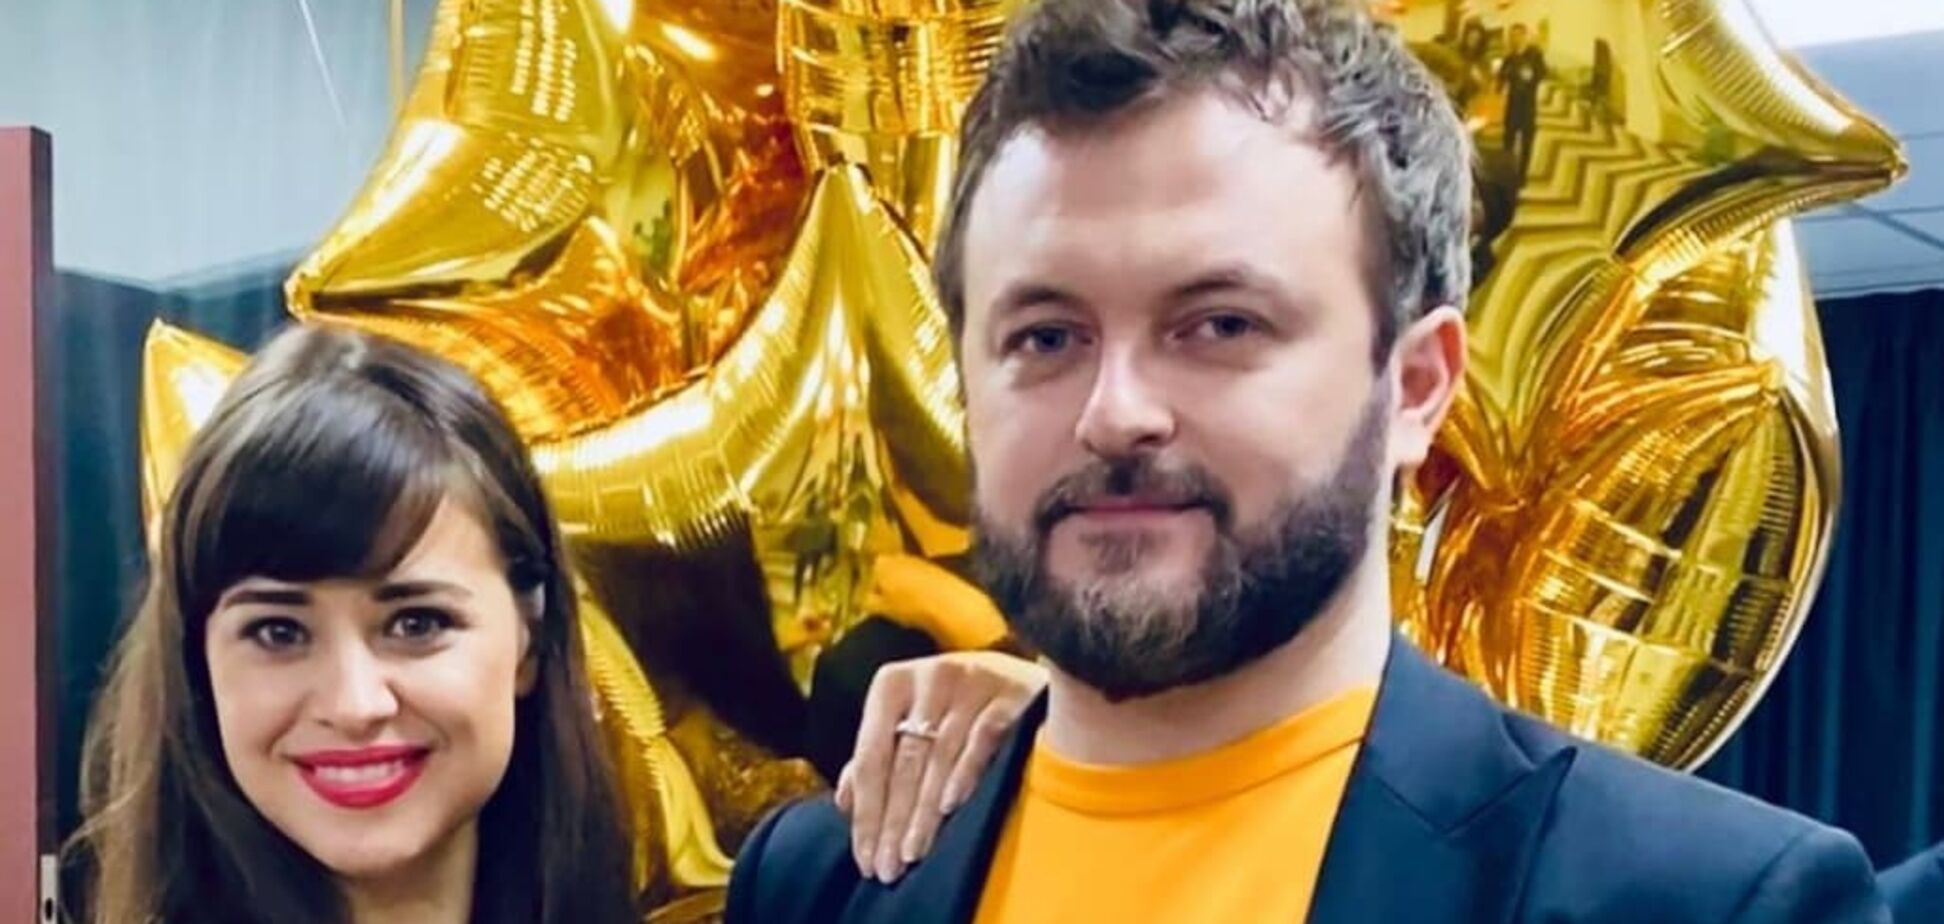 Дзідзьо поділився подробицями розлучення зі співачкою Slavia